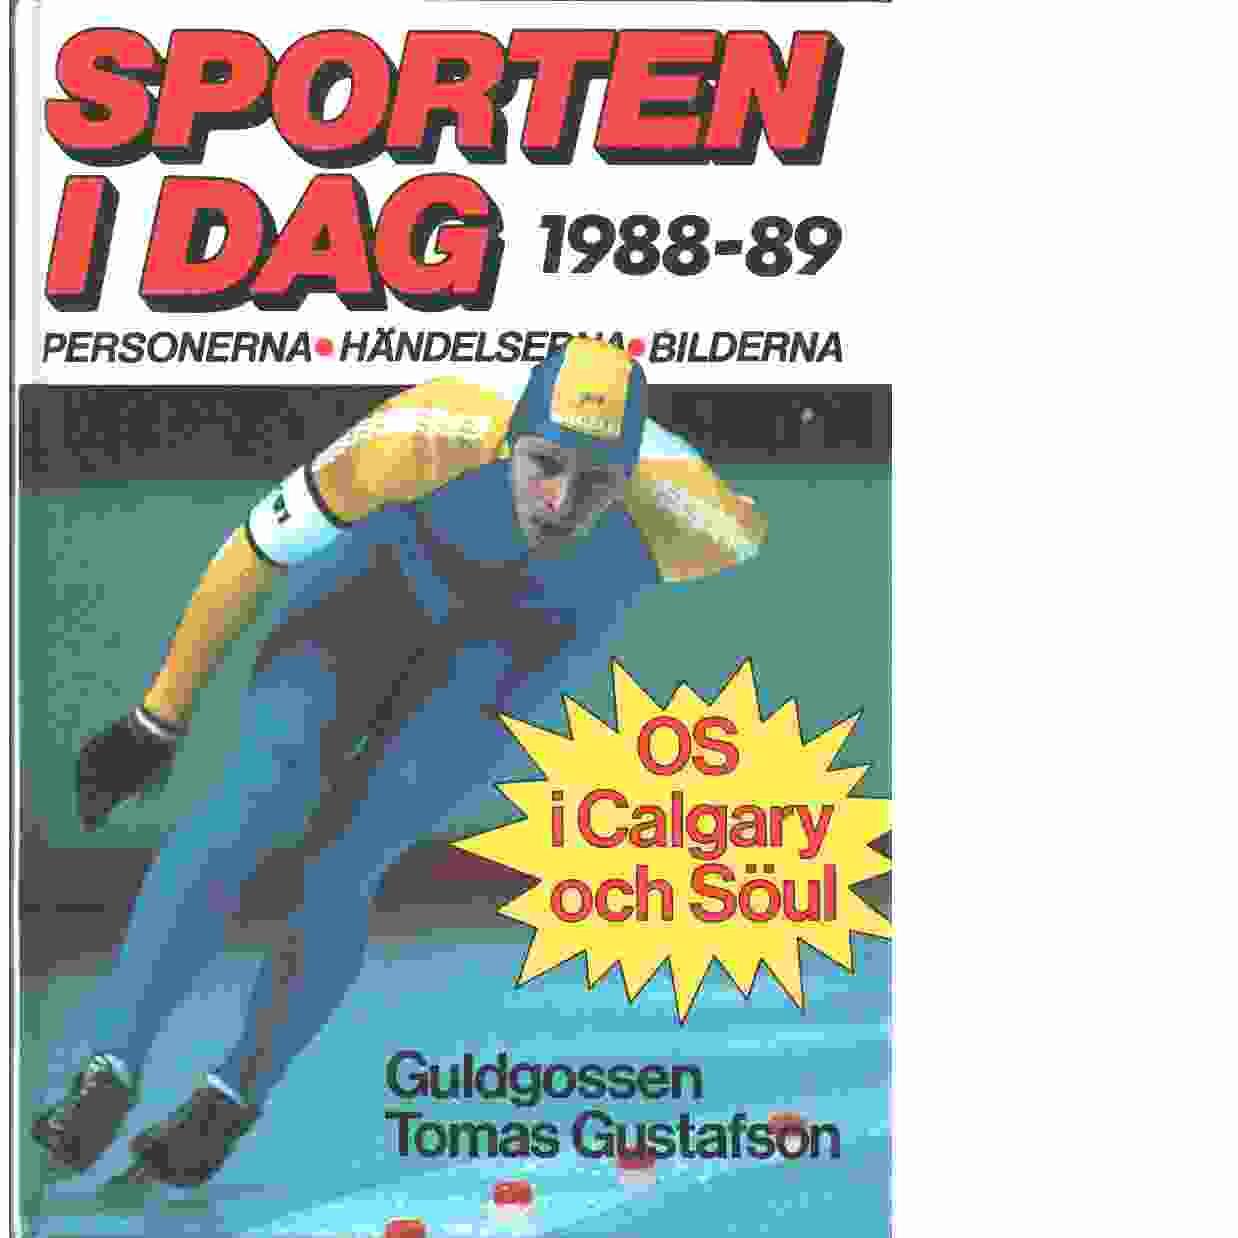 Sporten idag  1988-89 - Red,